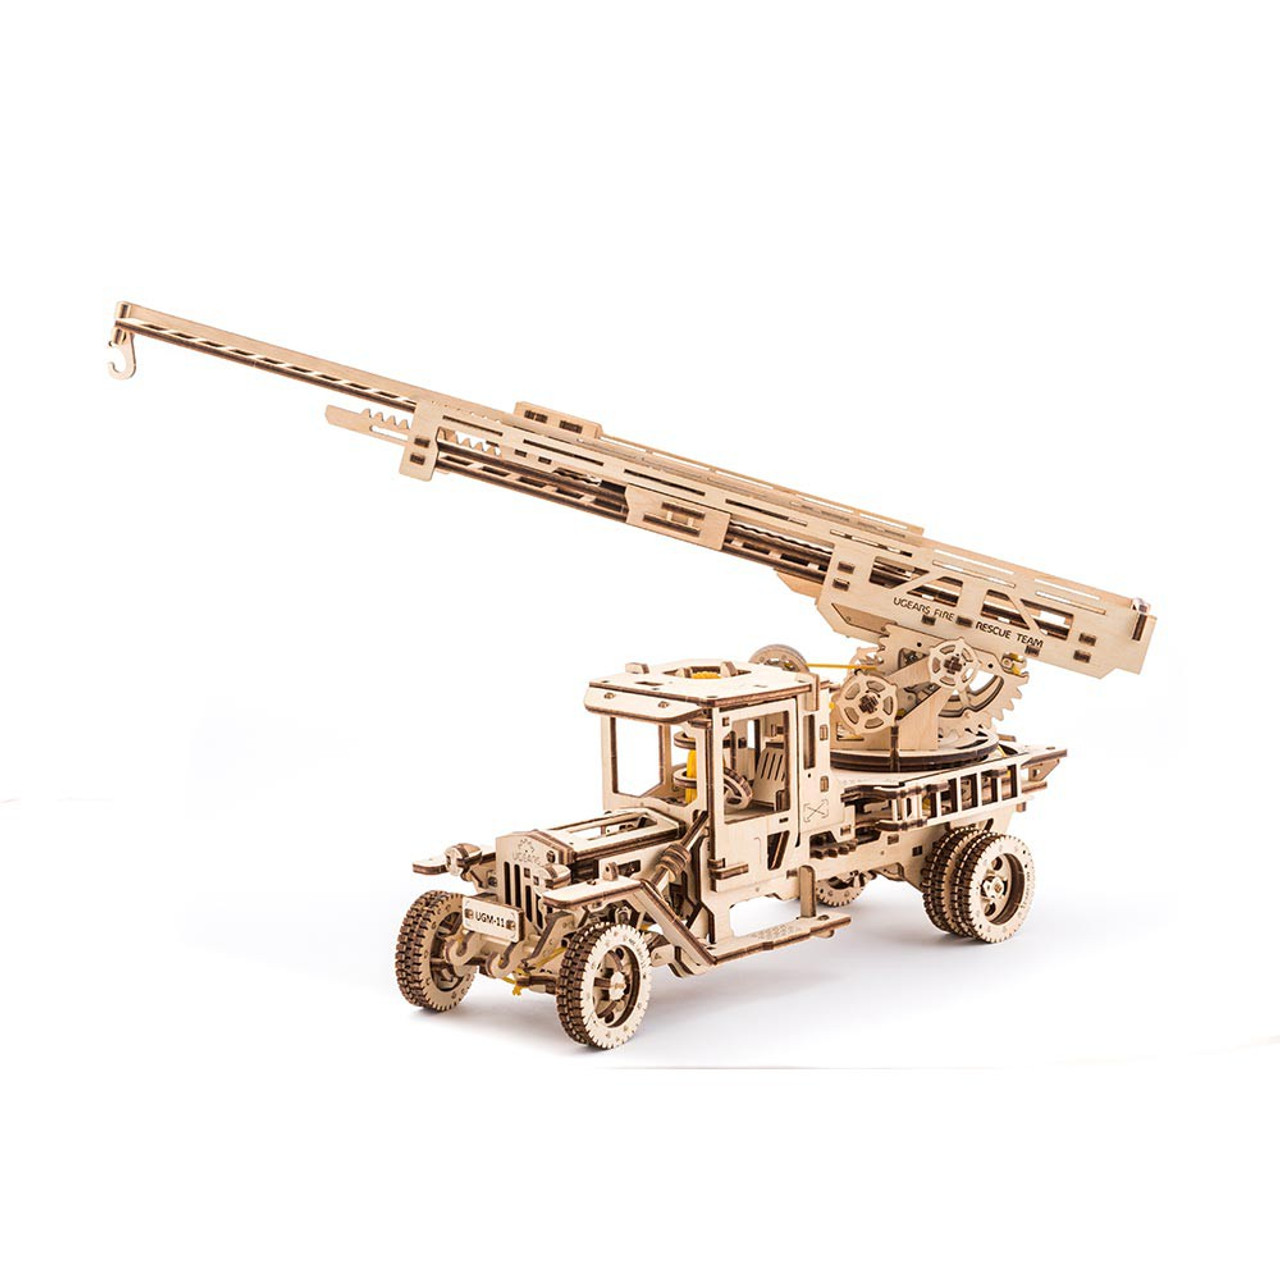 Fire Ladder Truck Mechanical Wooden Model   UGears